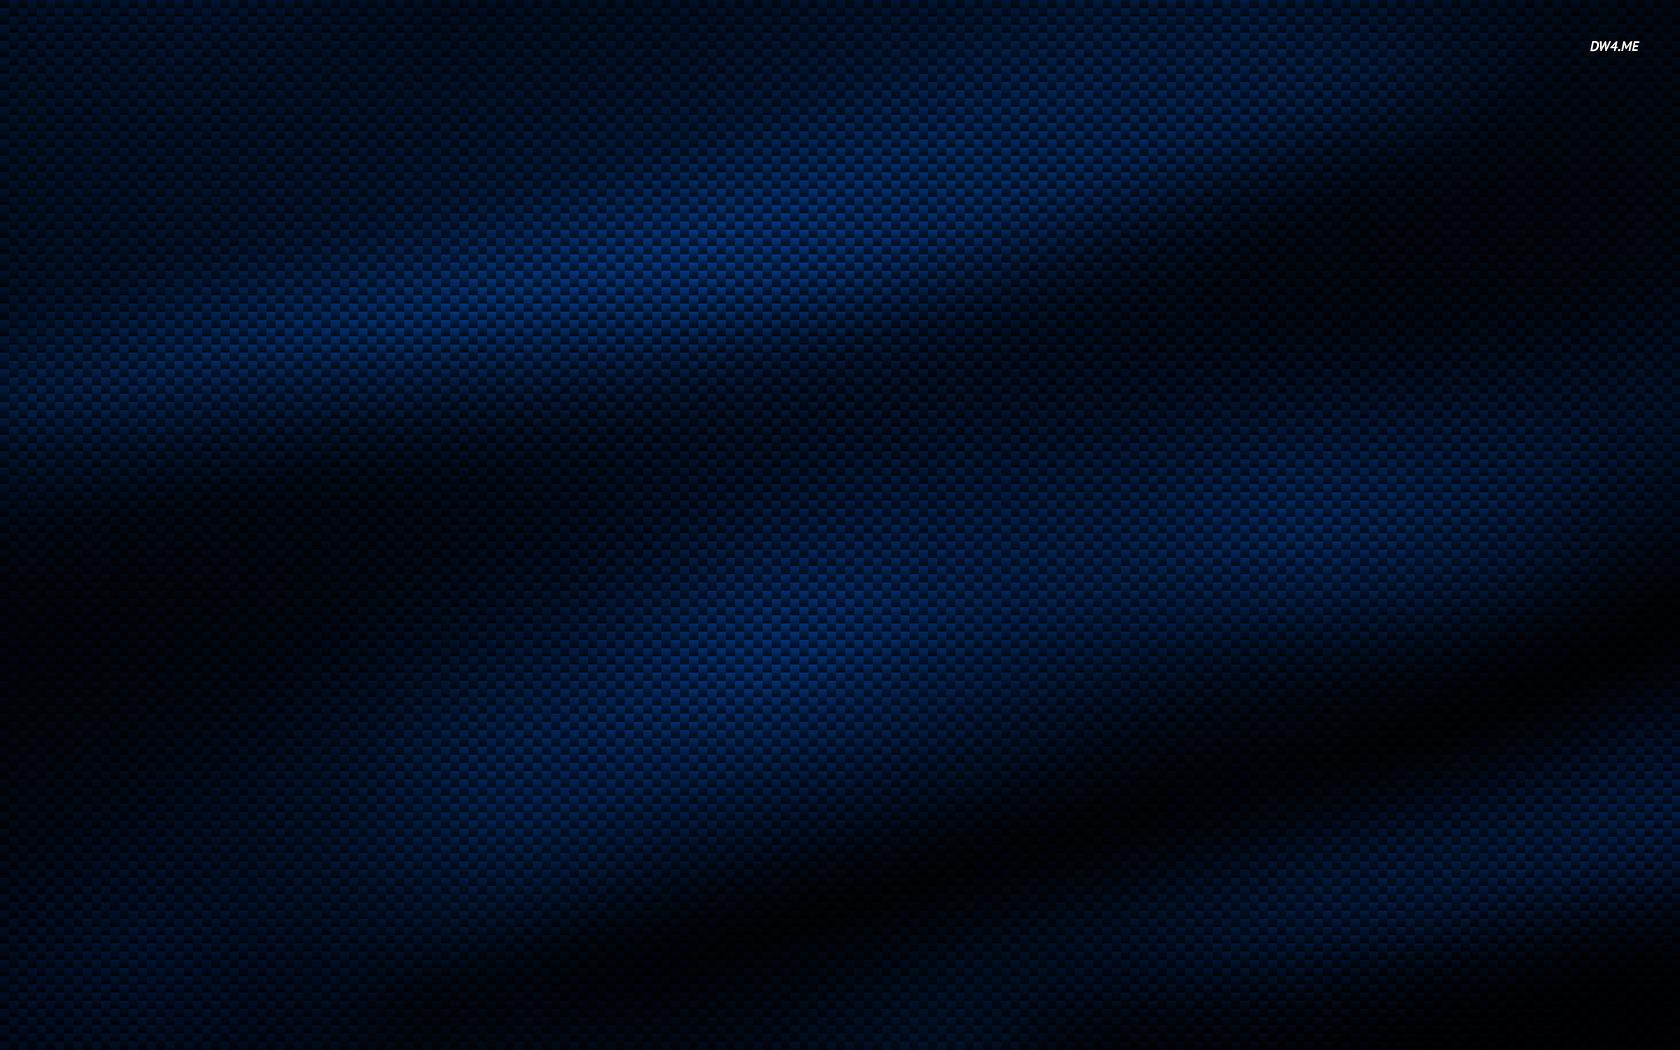 Carbon fiber fabric wallpaper 1920x1080 Carbon fiber fabric wallpaper 1680x1050